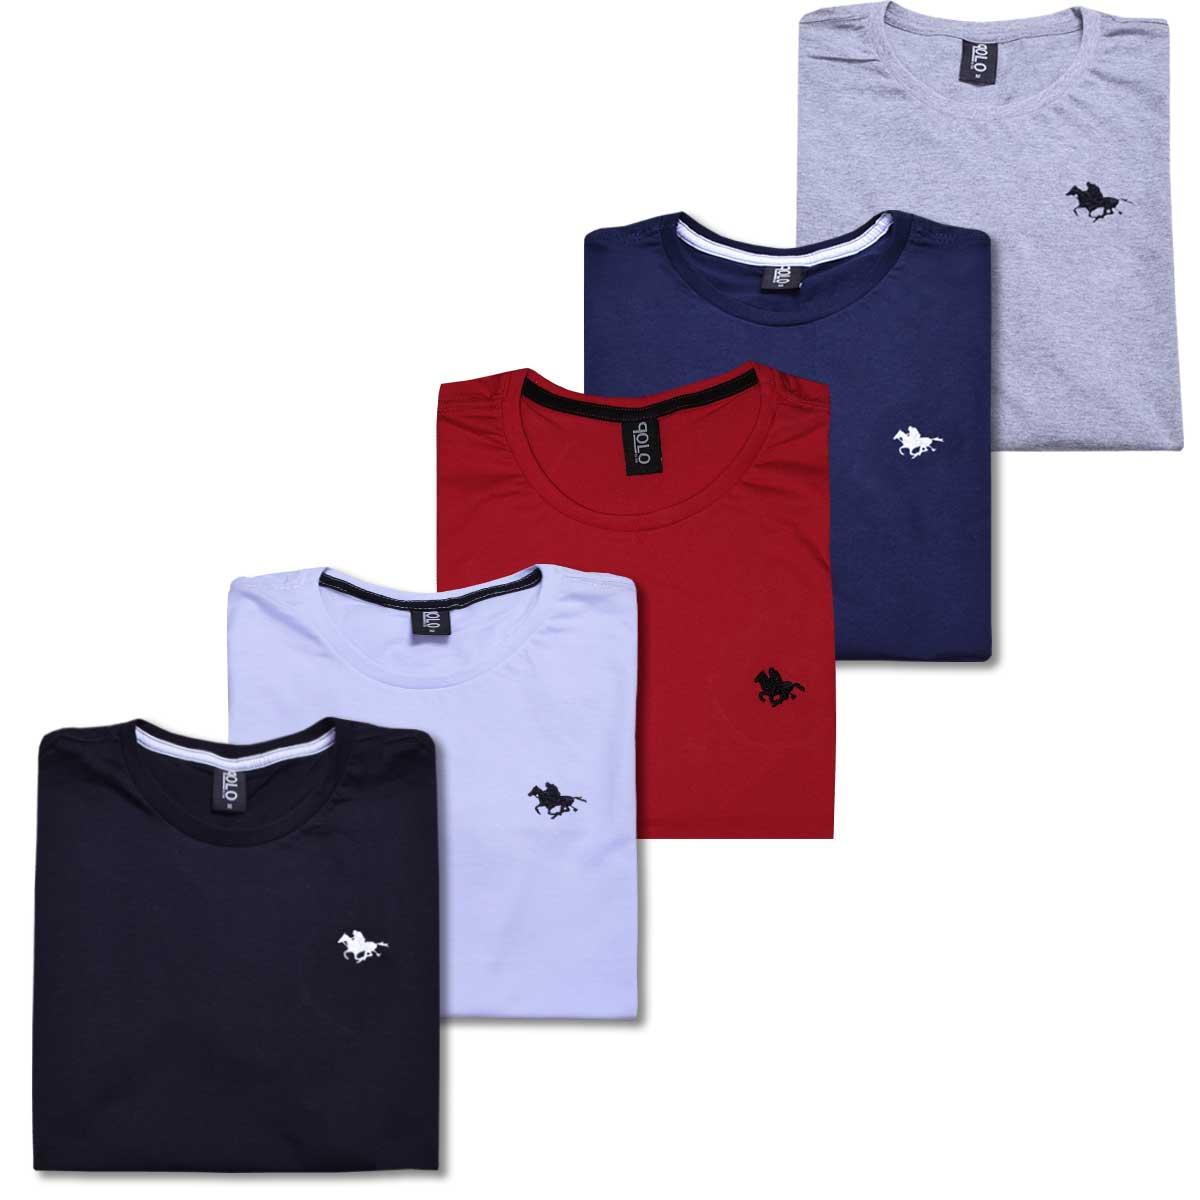 Camiseta Básica Juvenil Polo Rg518 05 Cores